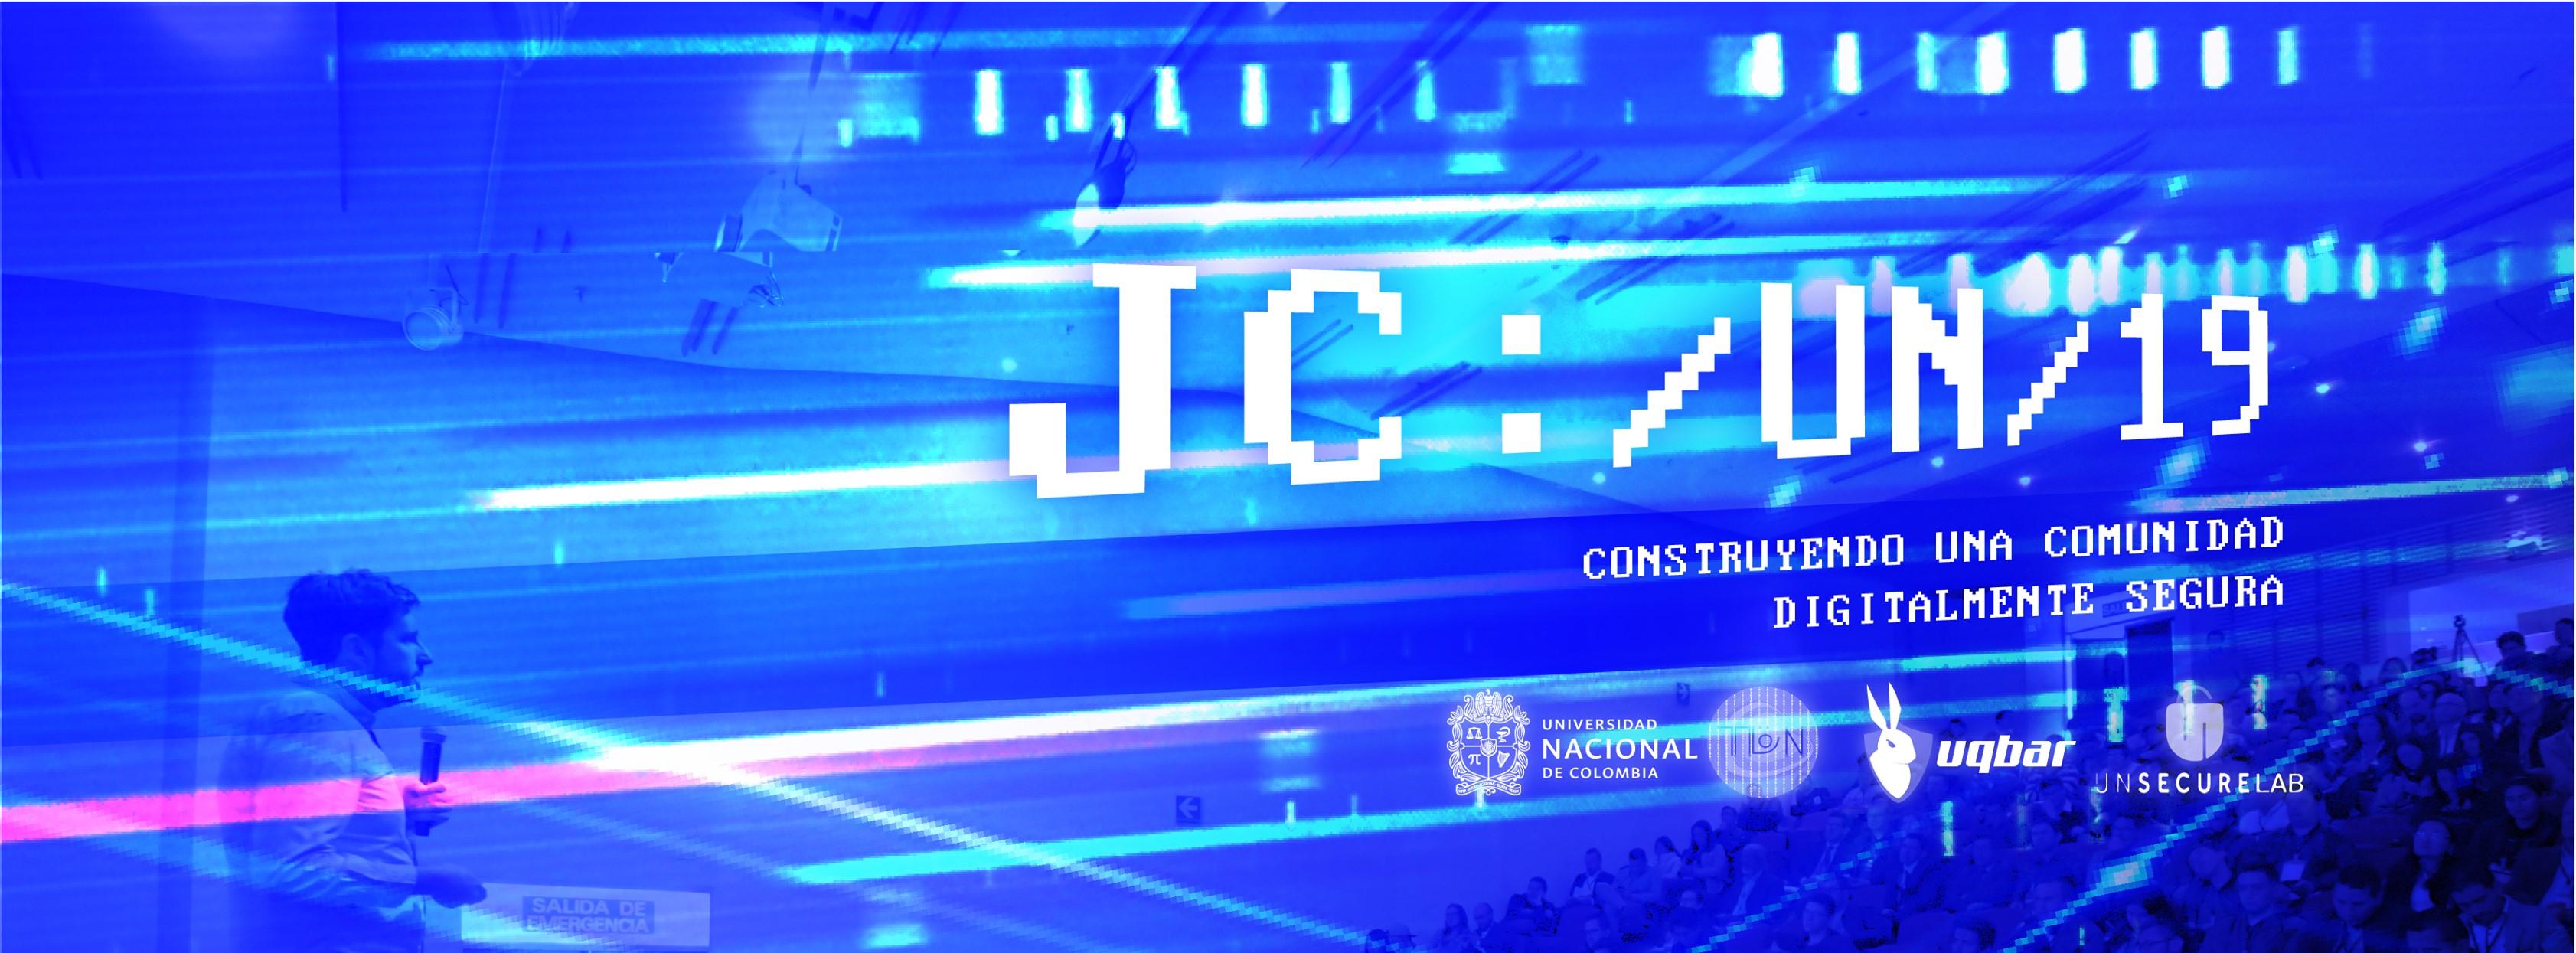 Segunda Jornada de Ciberseguridad Universidad Nacional de Colombia (JCUN 2019)